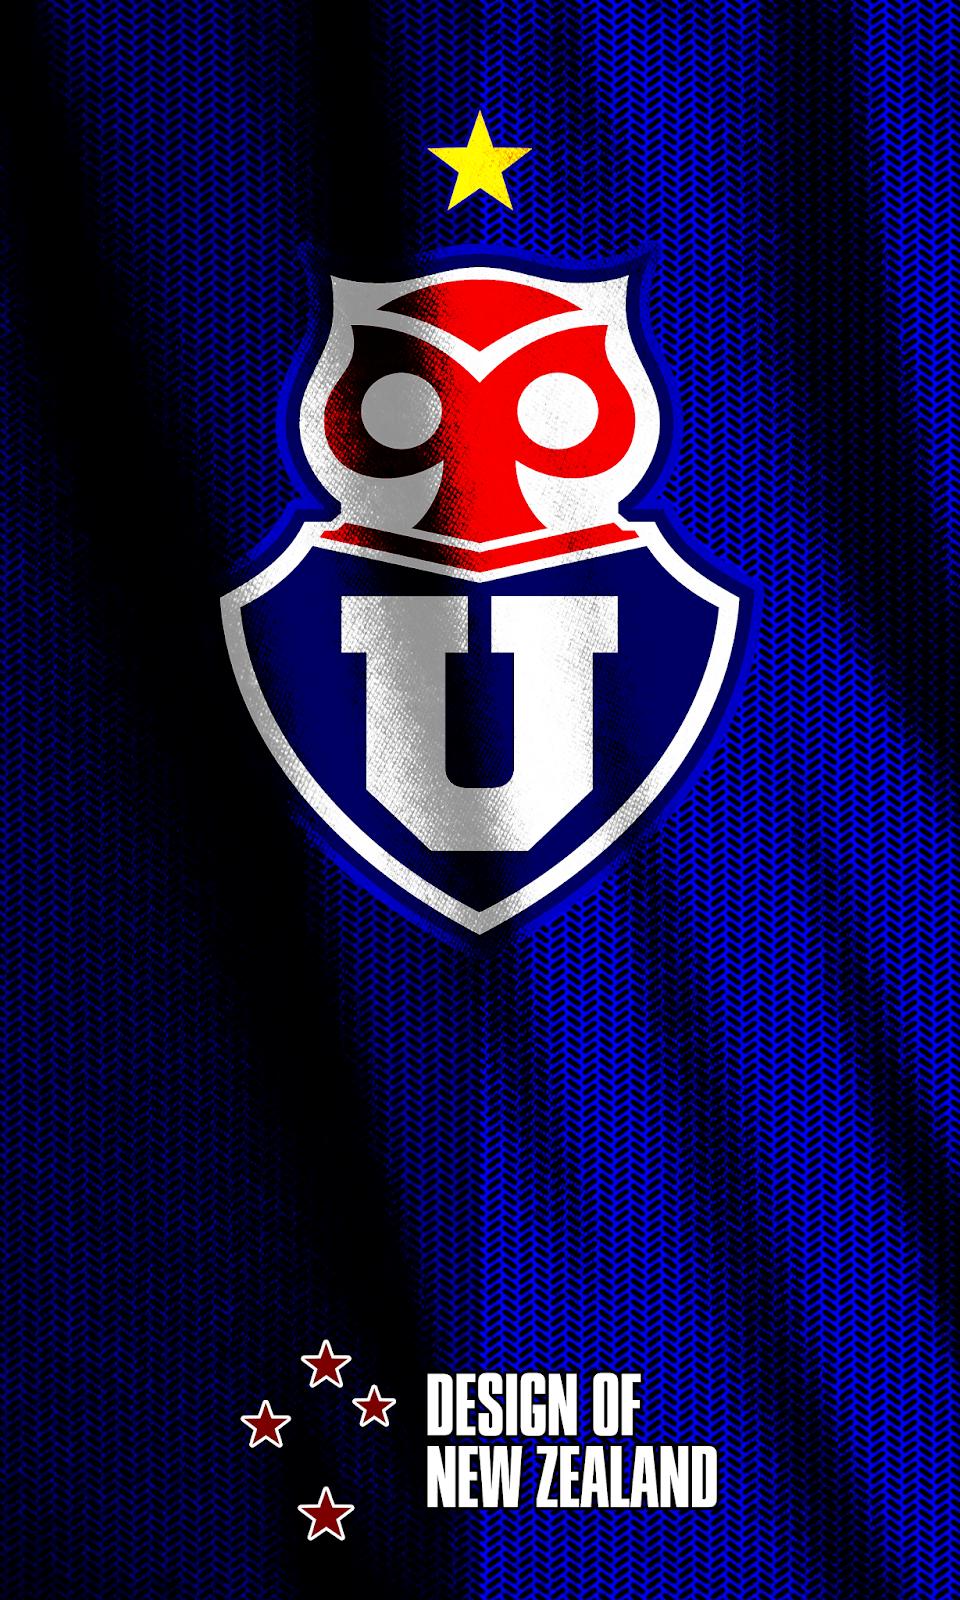 Club Universidad De Chile Wallpapers ...